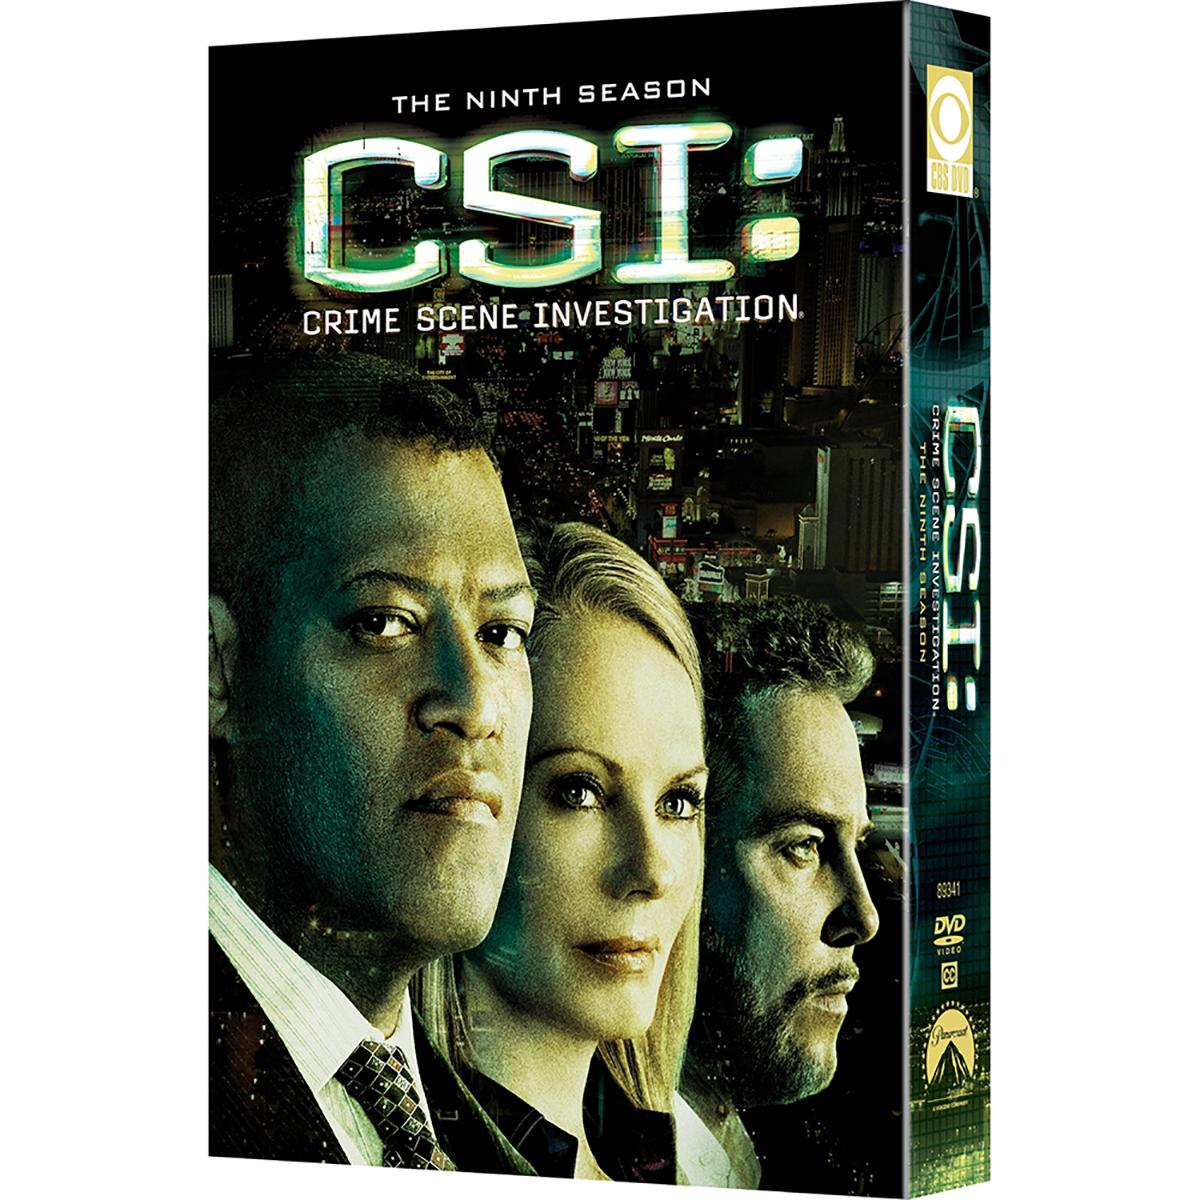 CSI: Crime Scene Investigation - Season 9 DVD -  DVDs & Videos 4285-107197